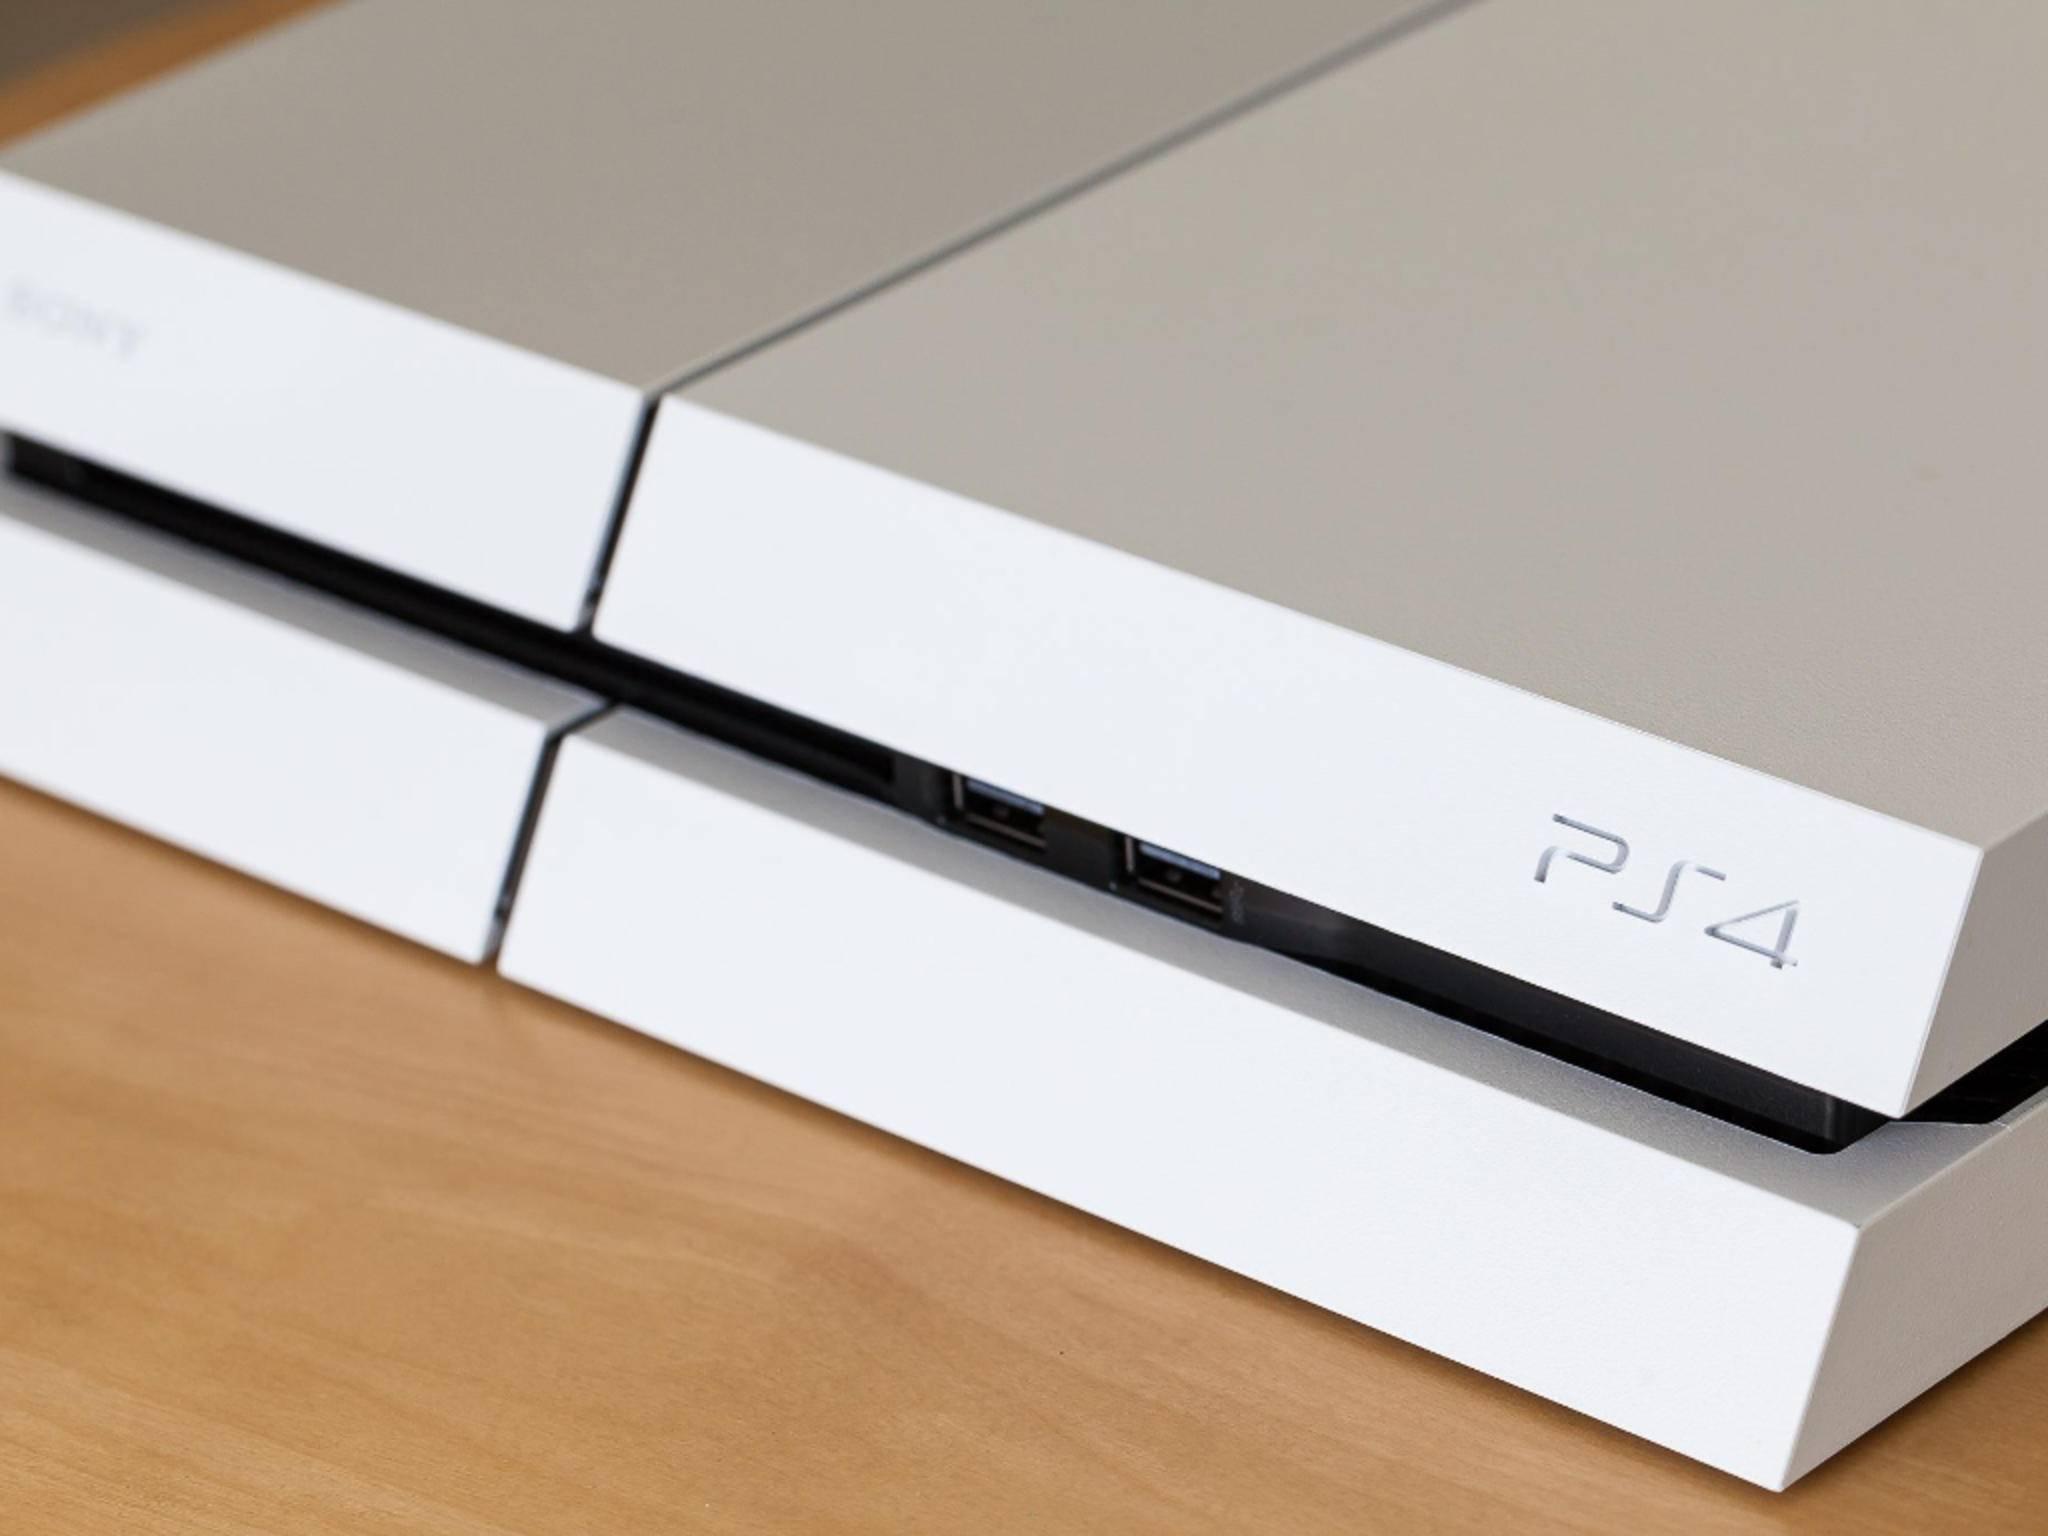 PS4-Spiele lassen sich demnächst auch auf dem PC spielen.